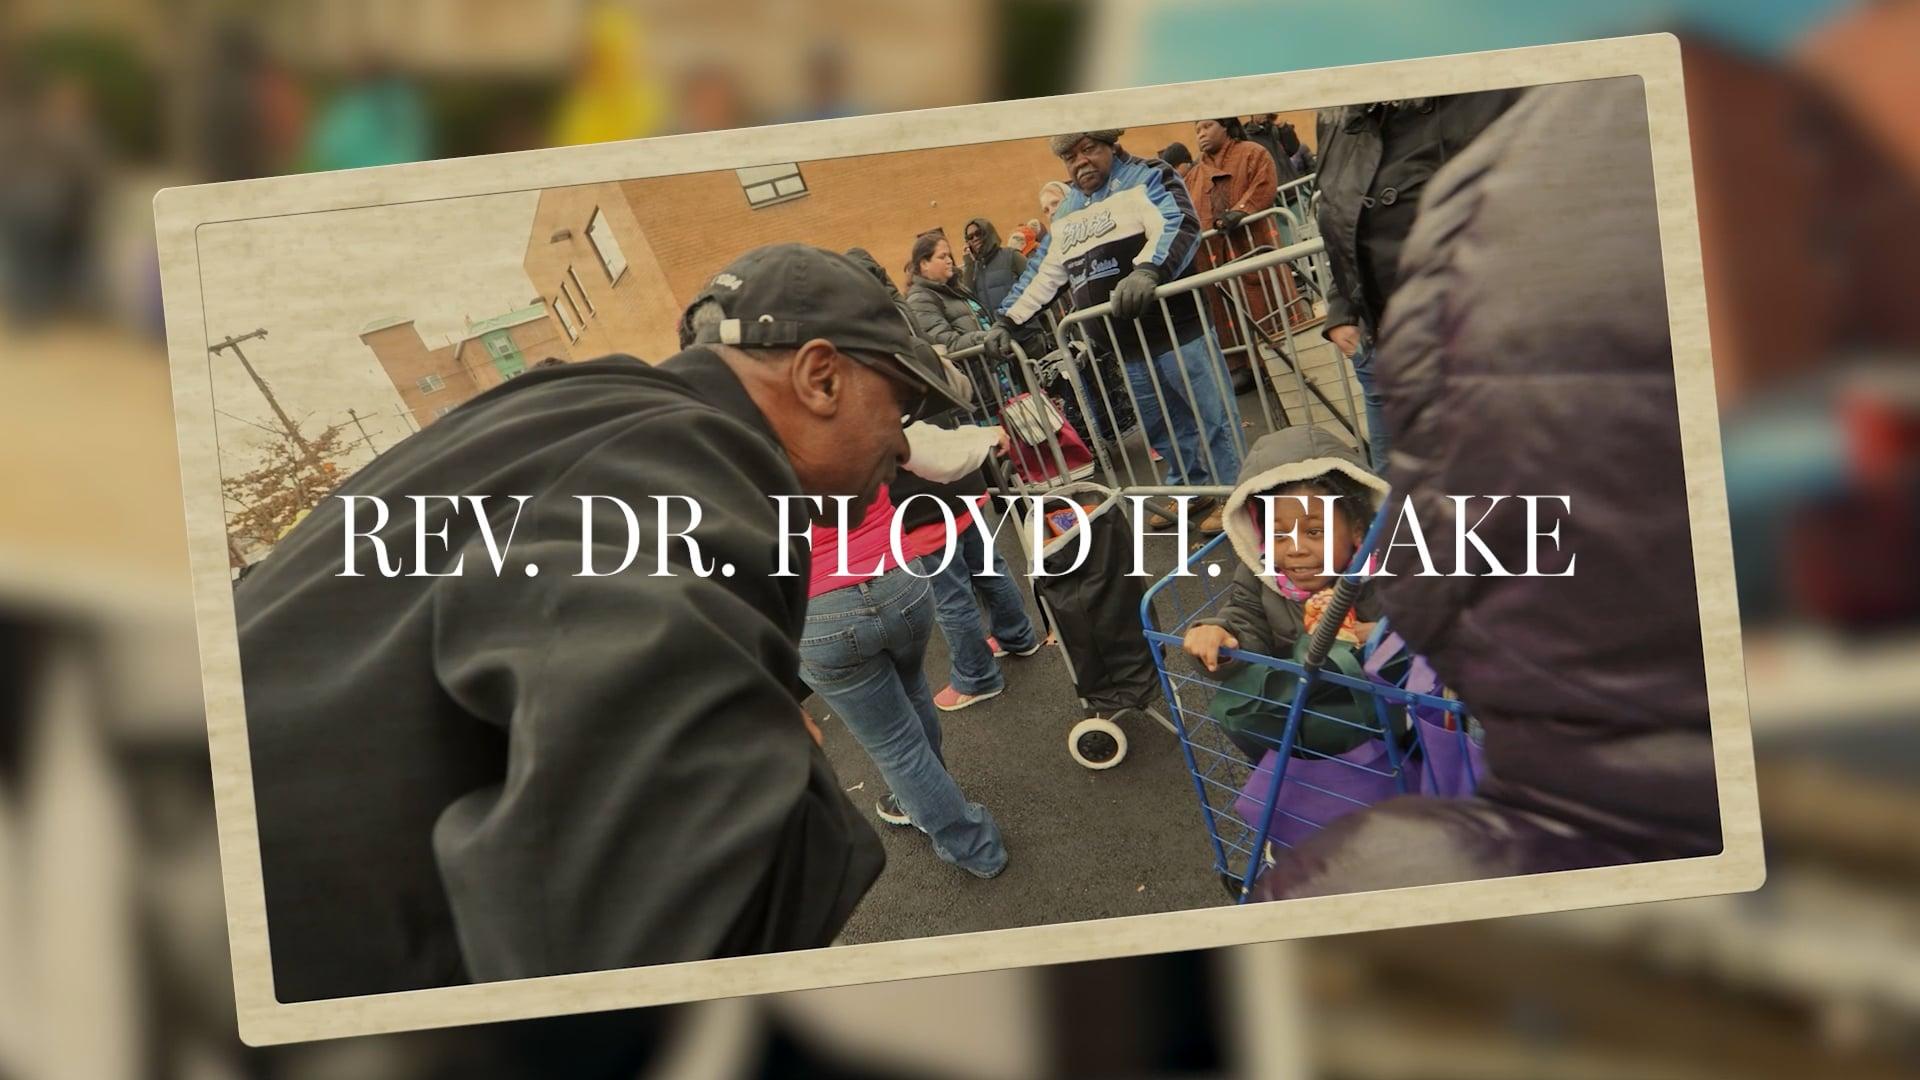 Rev. Dr. Floyd H. Flake Video Tribute